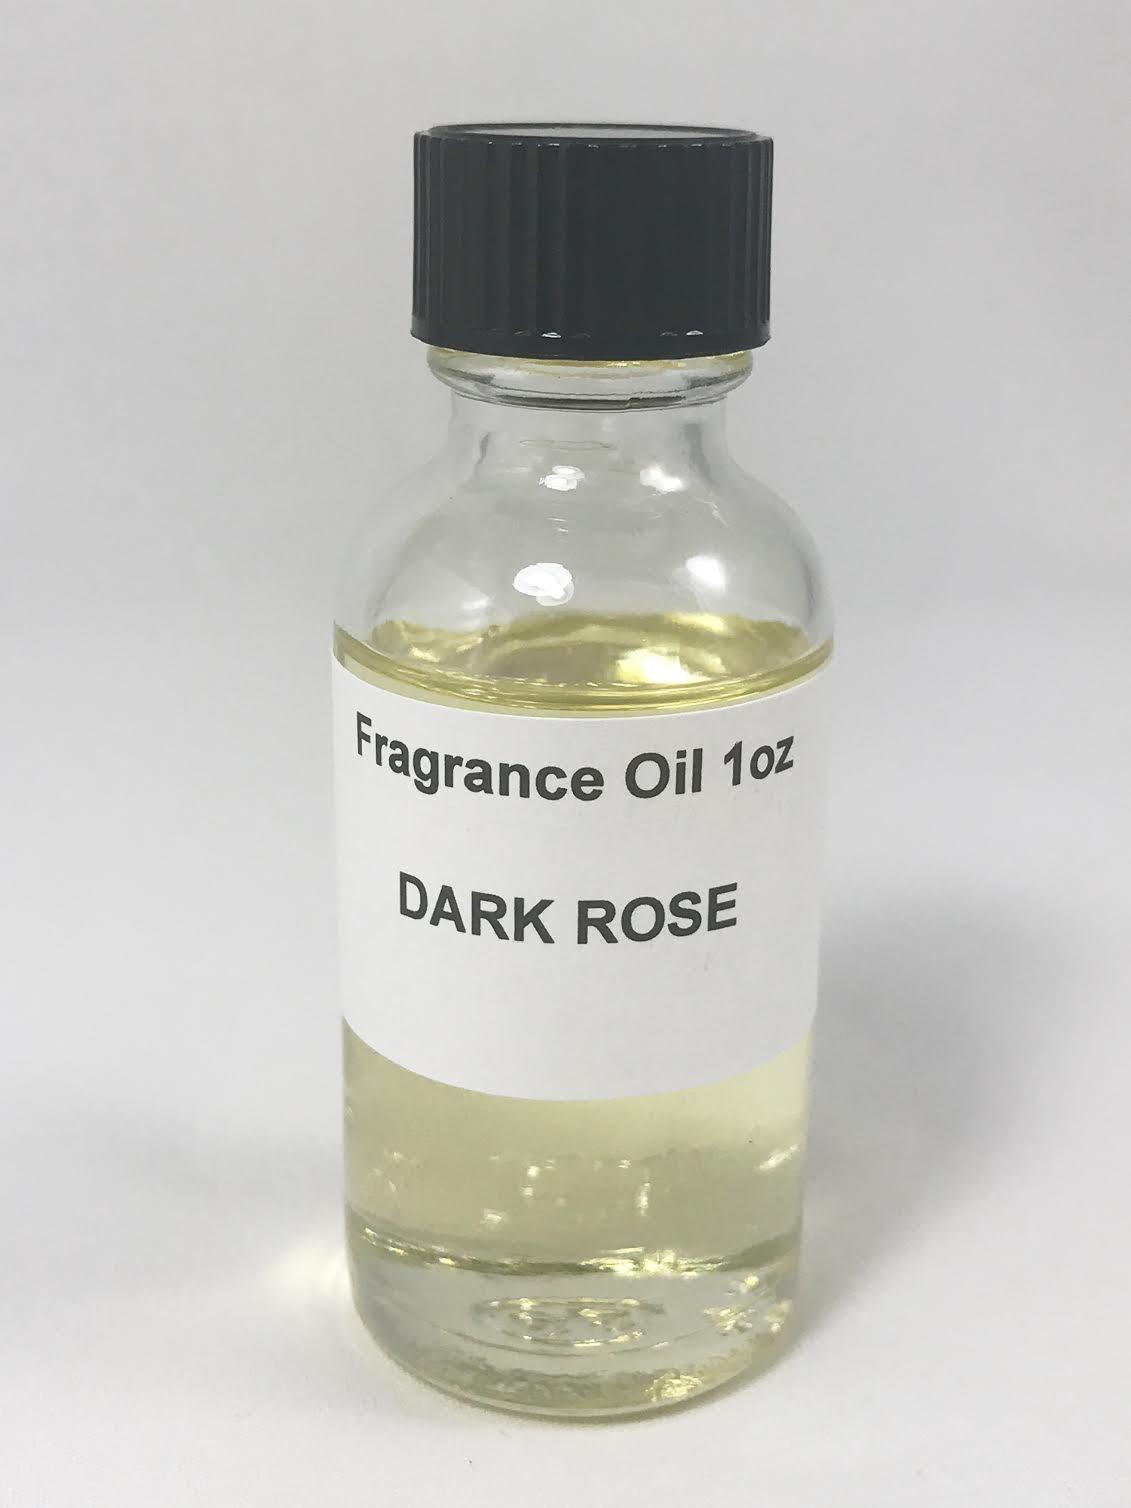 DARK ROSE Fragrane Oil 1oz Perfume Body Oil Made in the USA